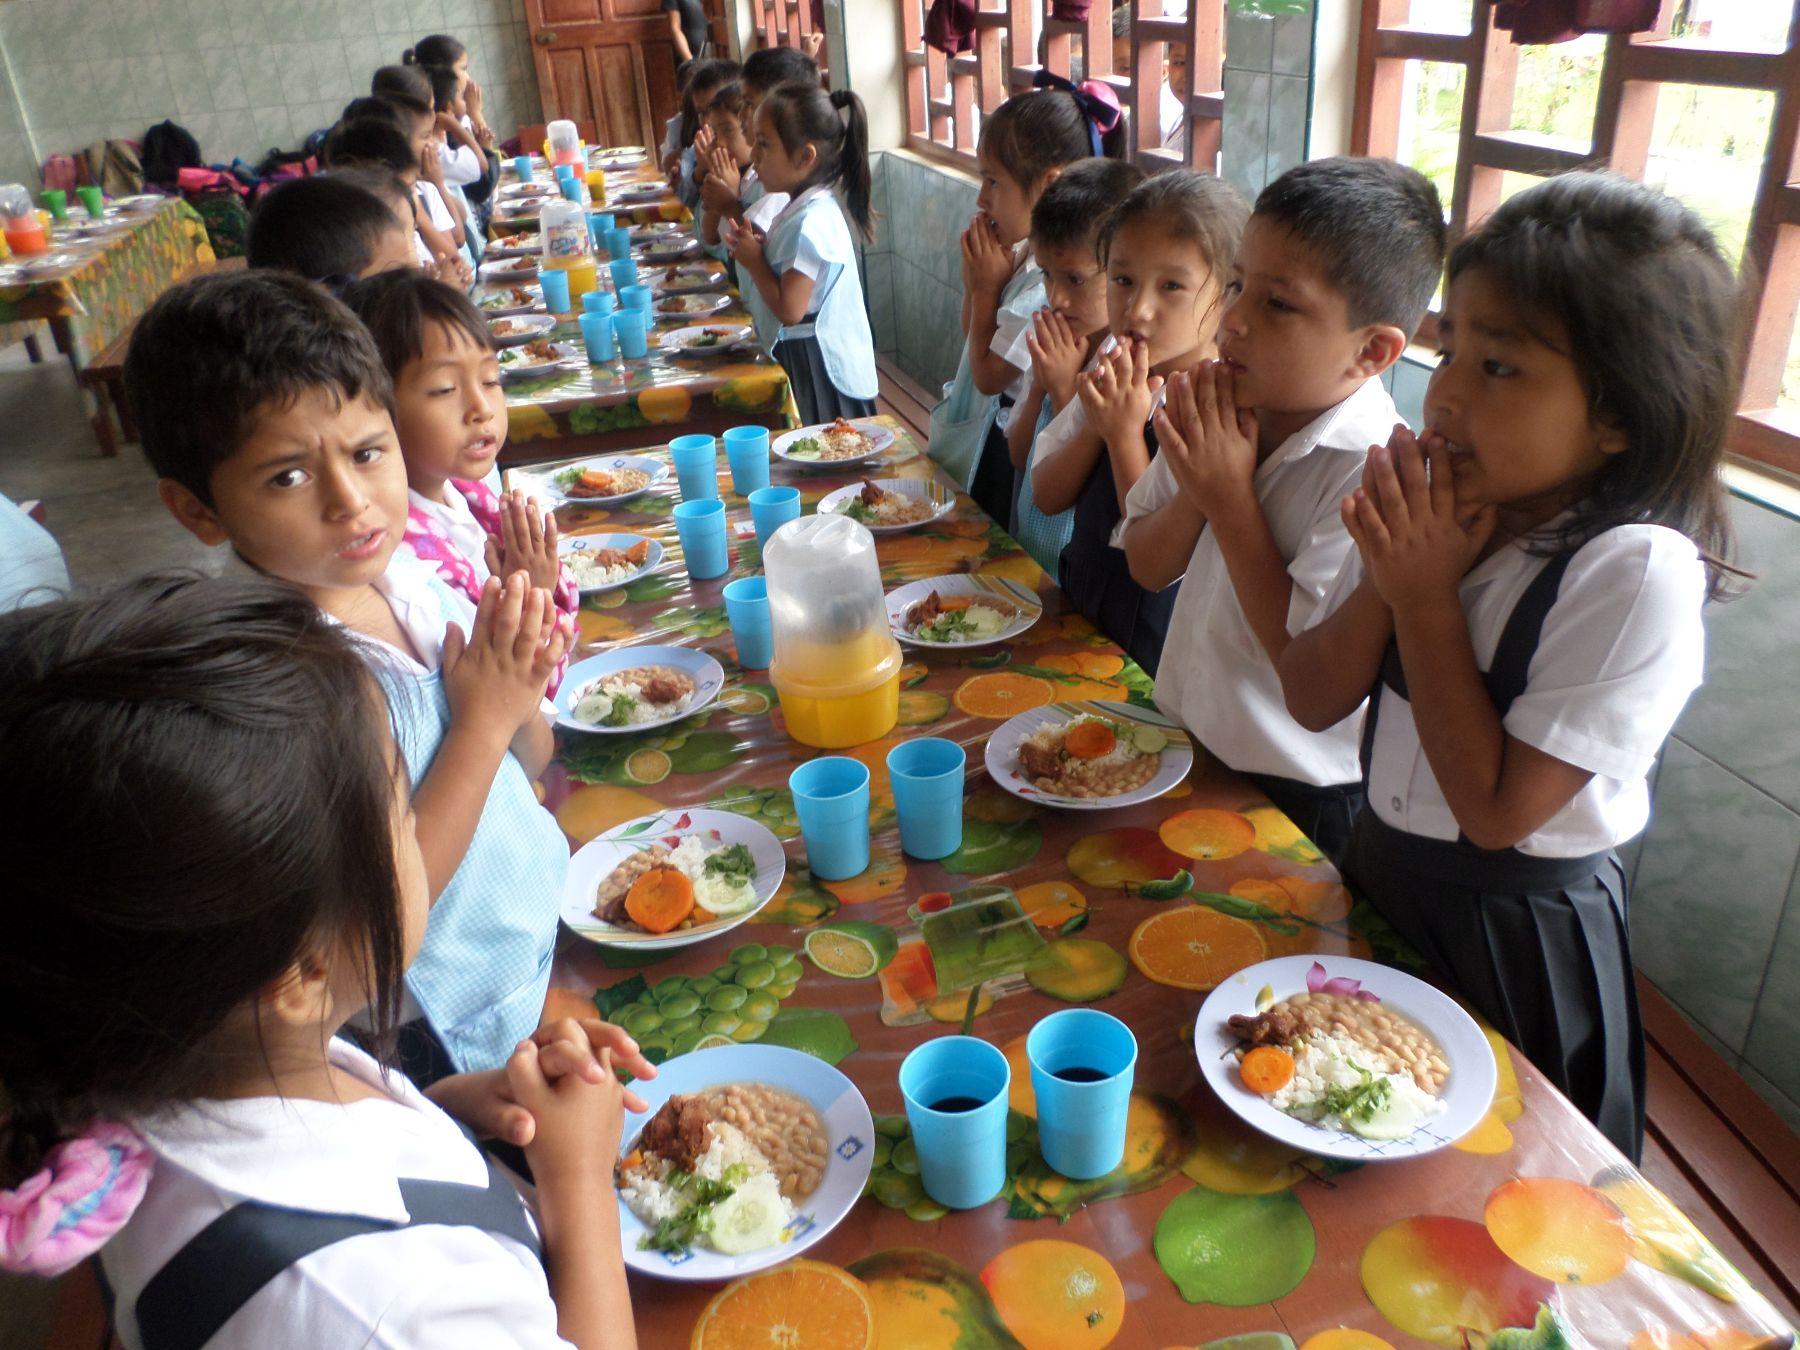 Más De 2.8 Millones De Escolares Recibirán Desayuno